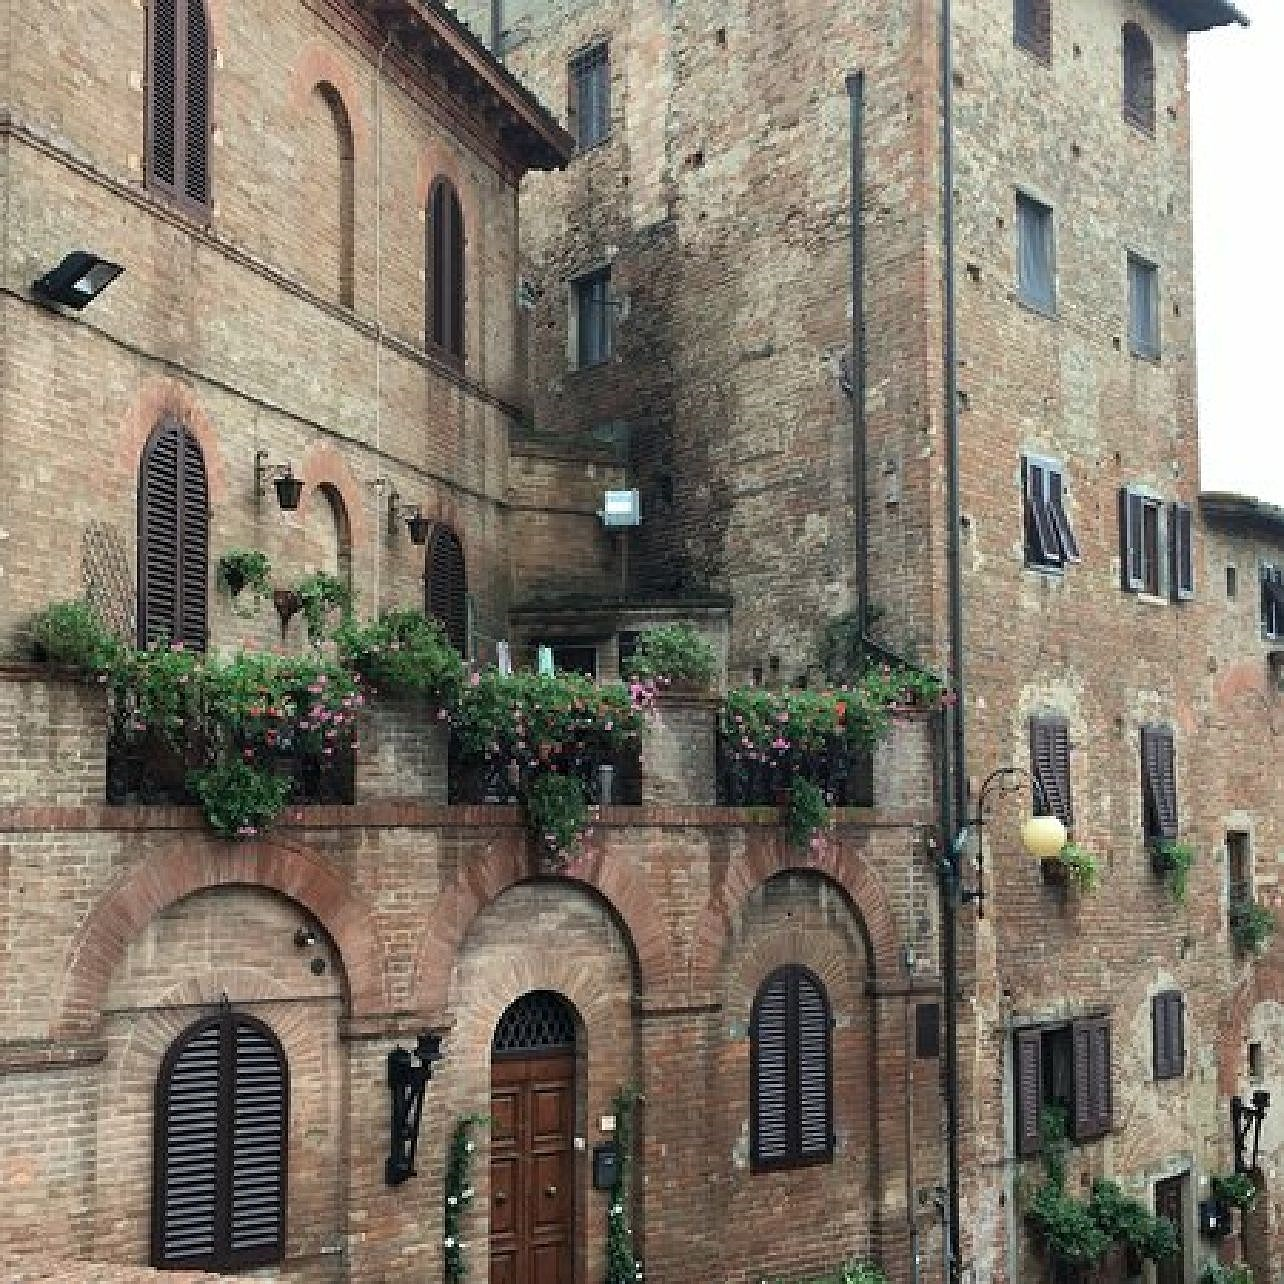 Certaldo i regionen Toscana i Italien